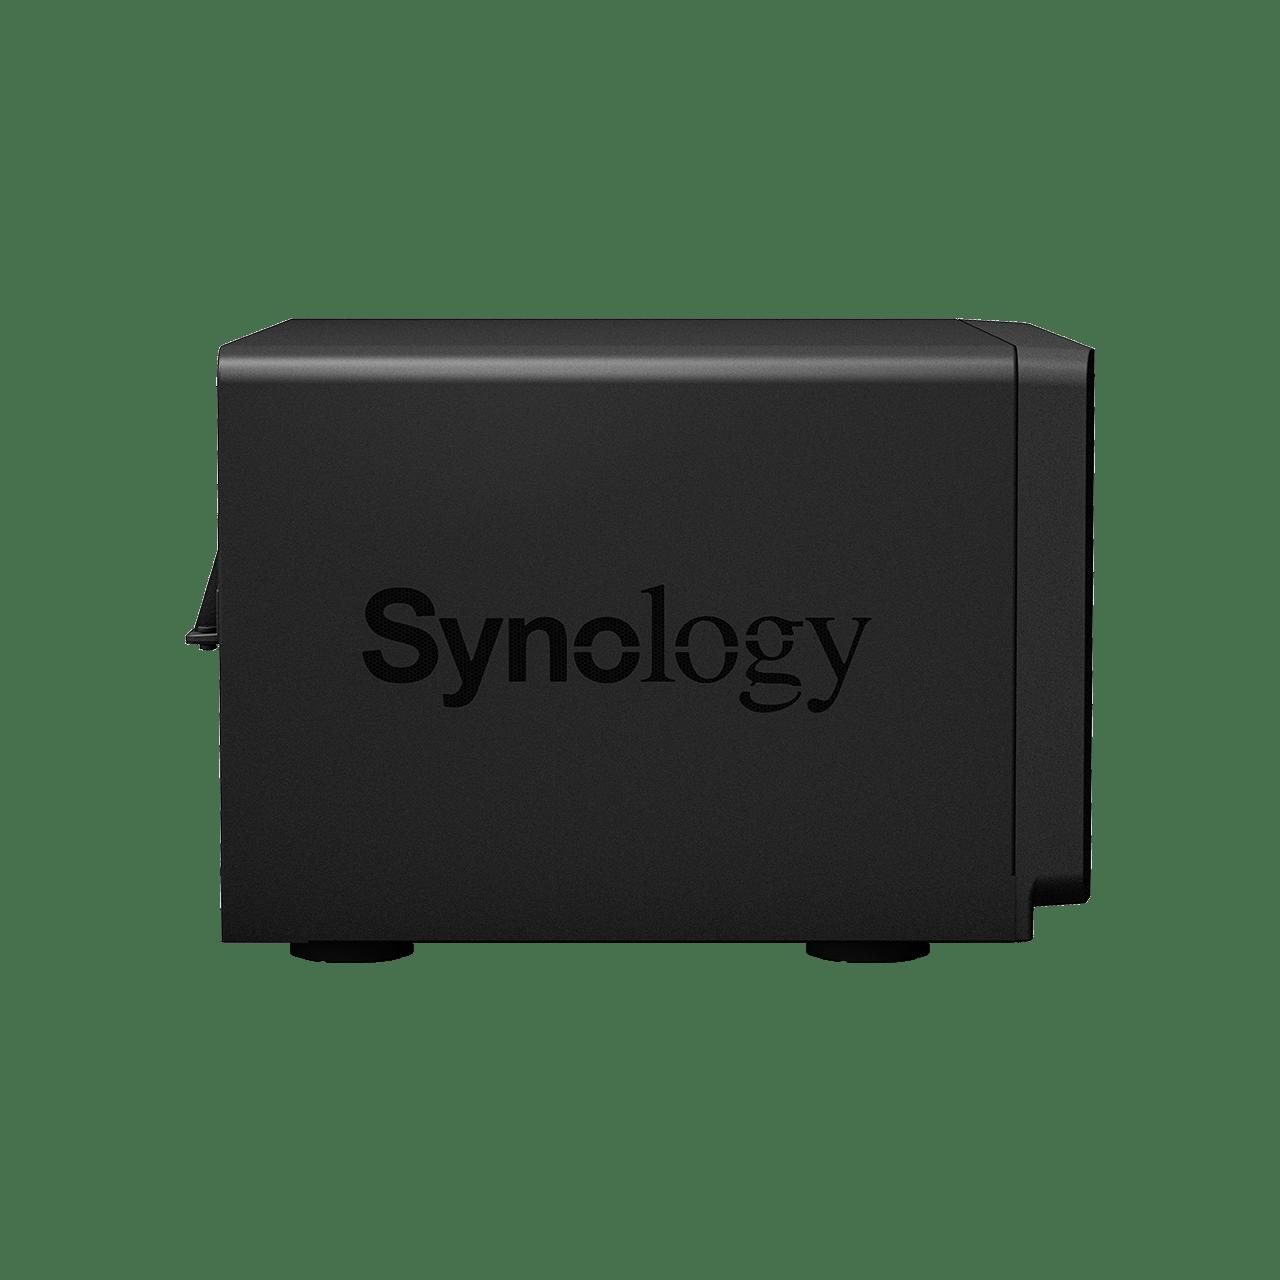 Synology DS1621+ è il nuovo NAS che pensa alle prestazioni